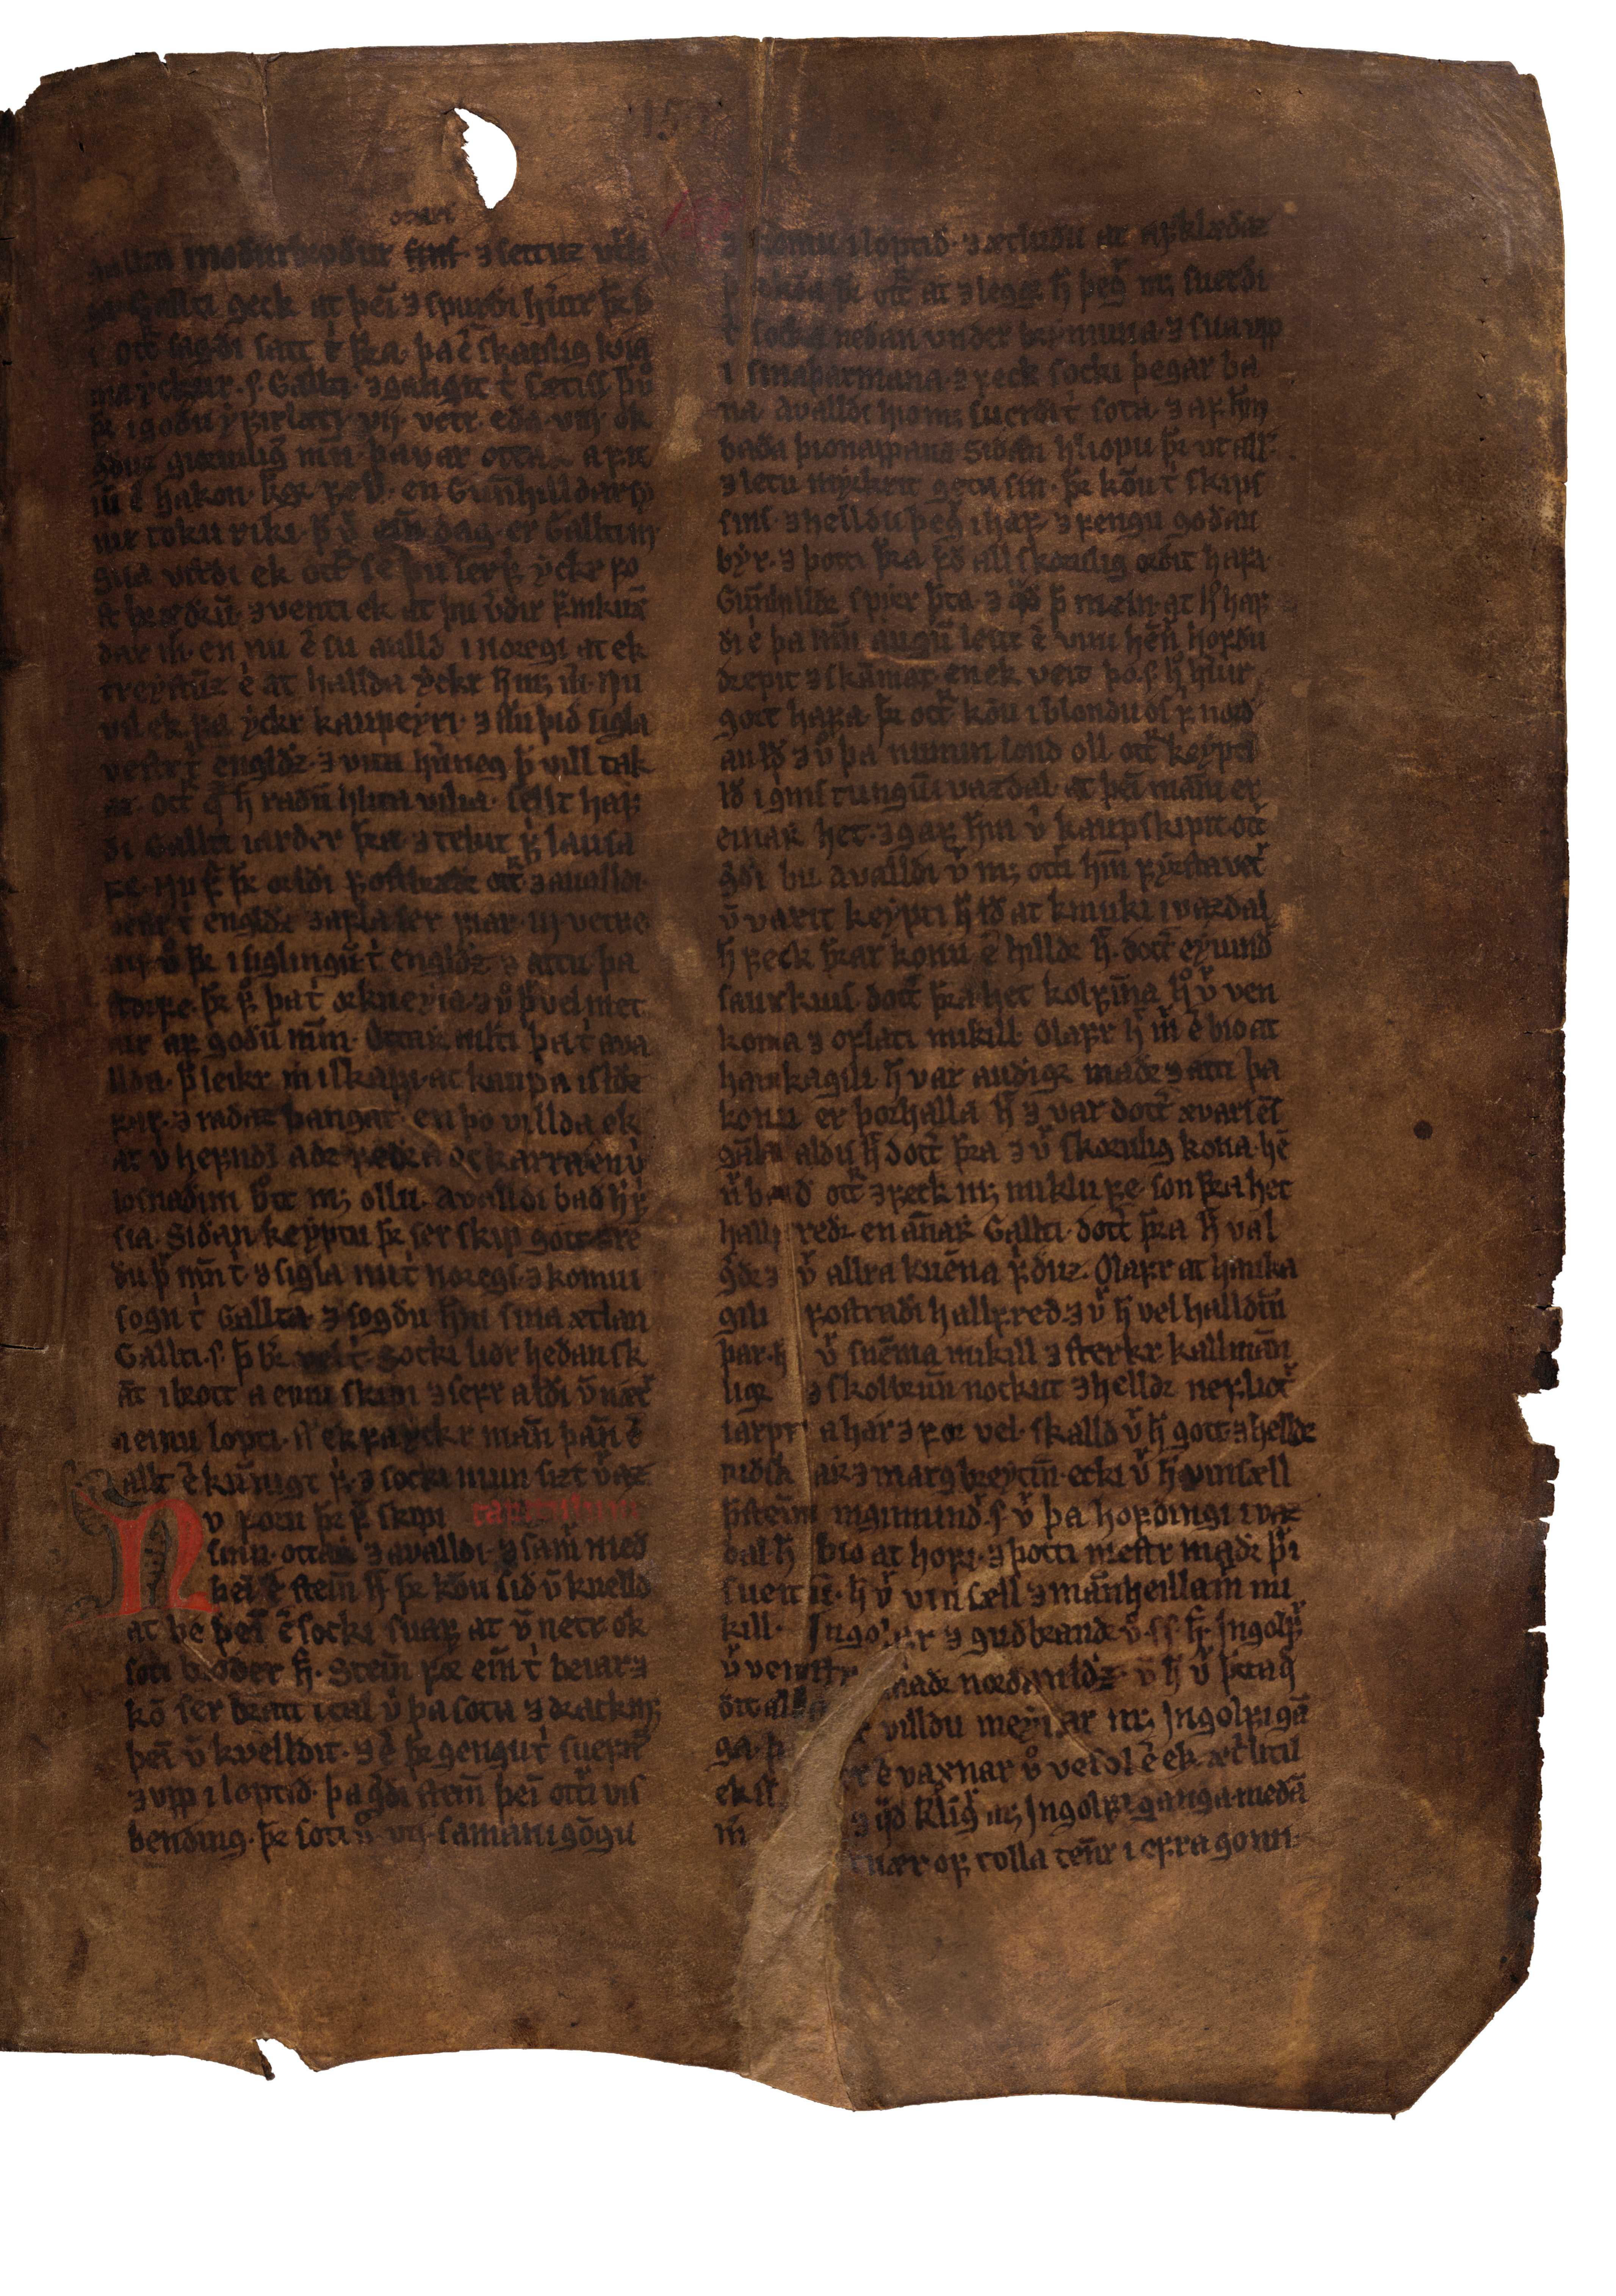 AM 132 fol - 150r